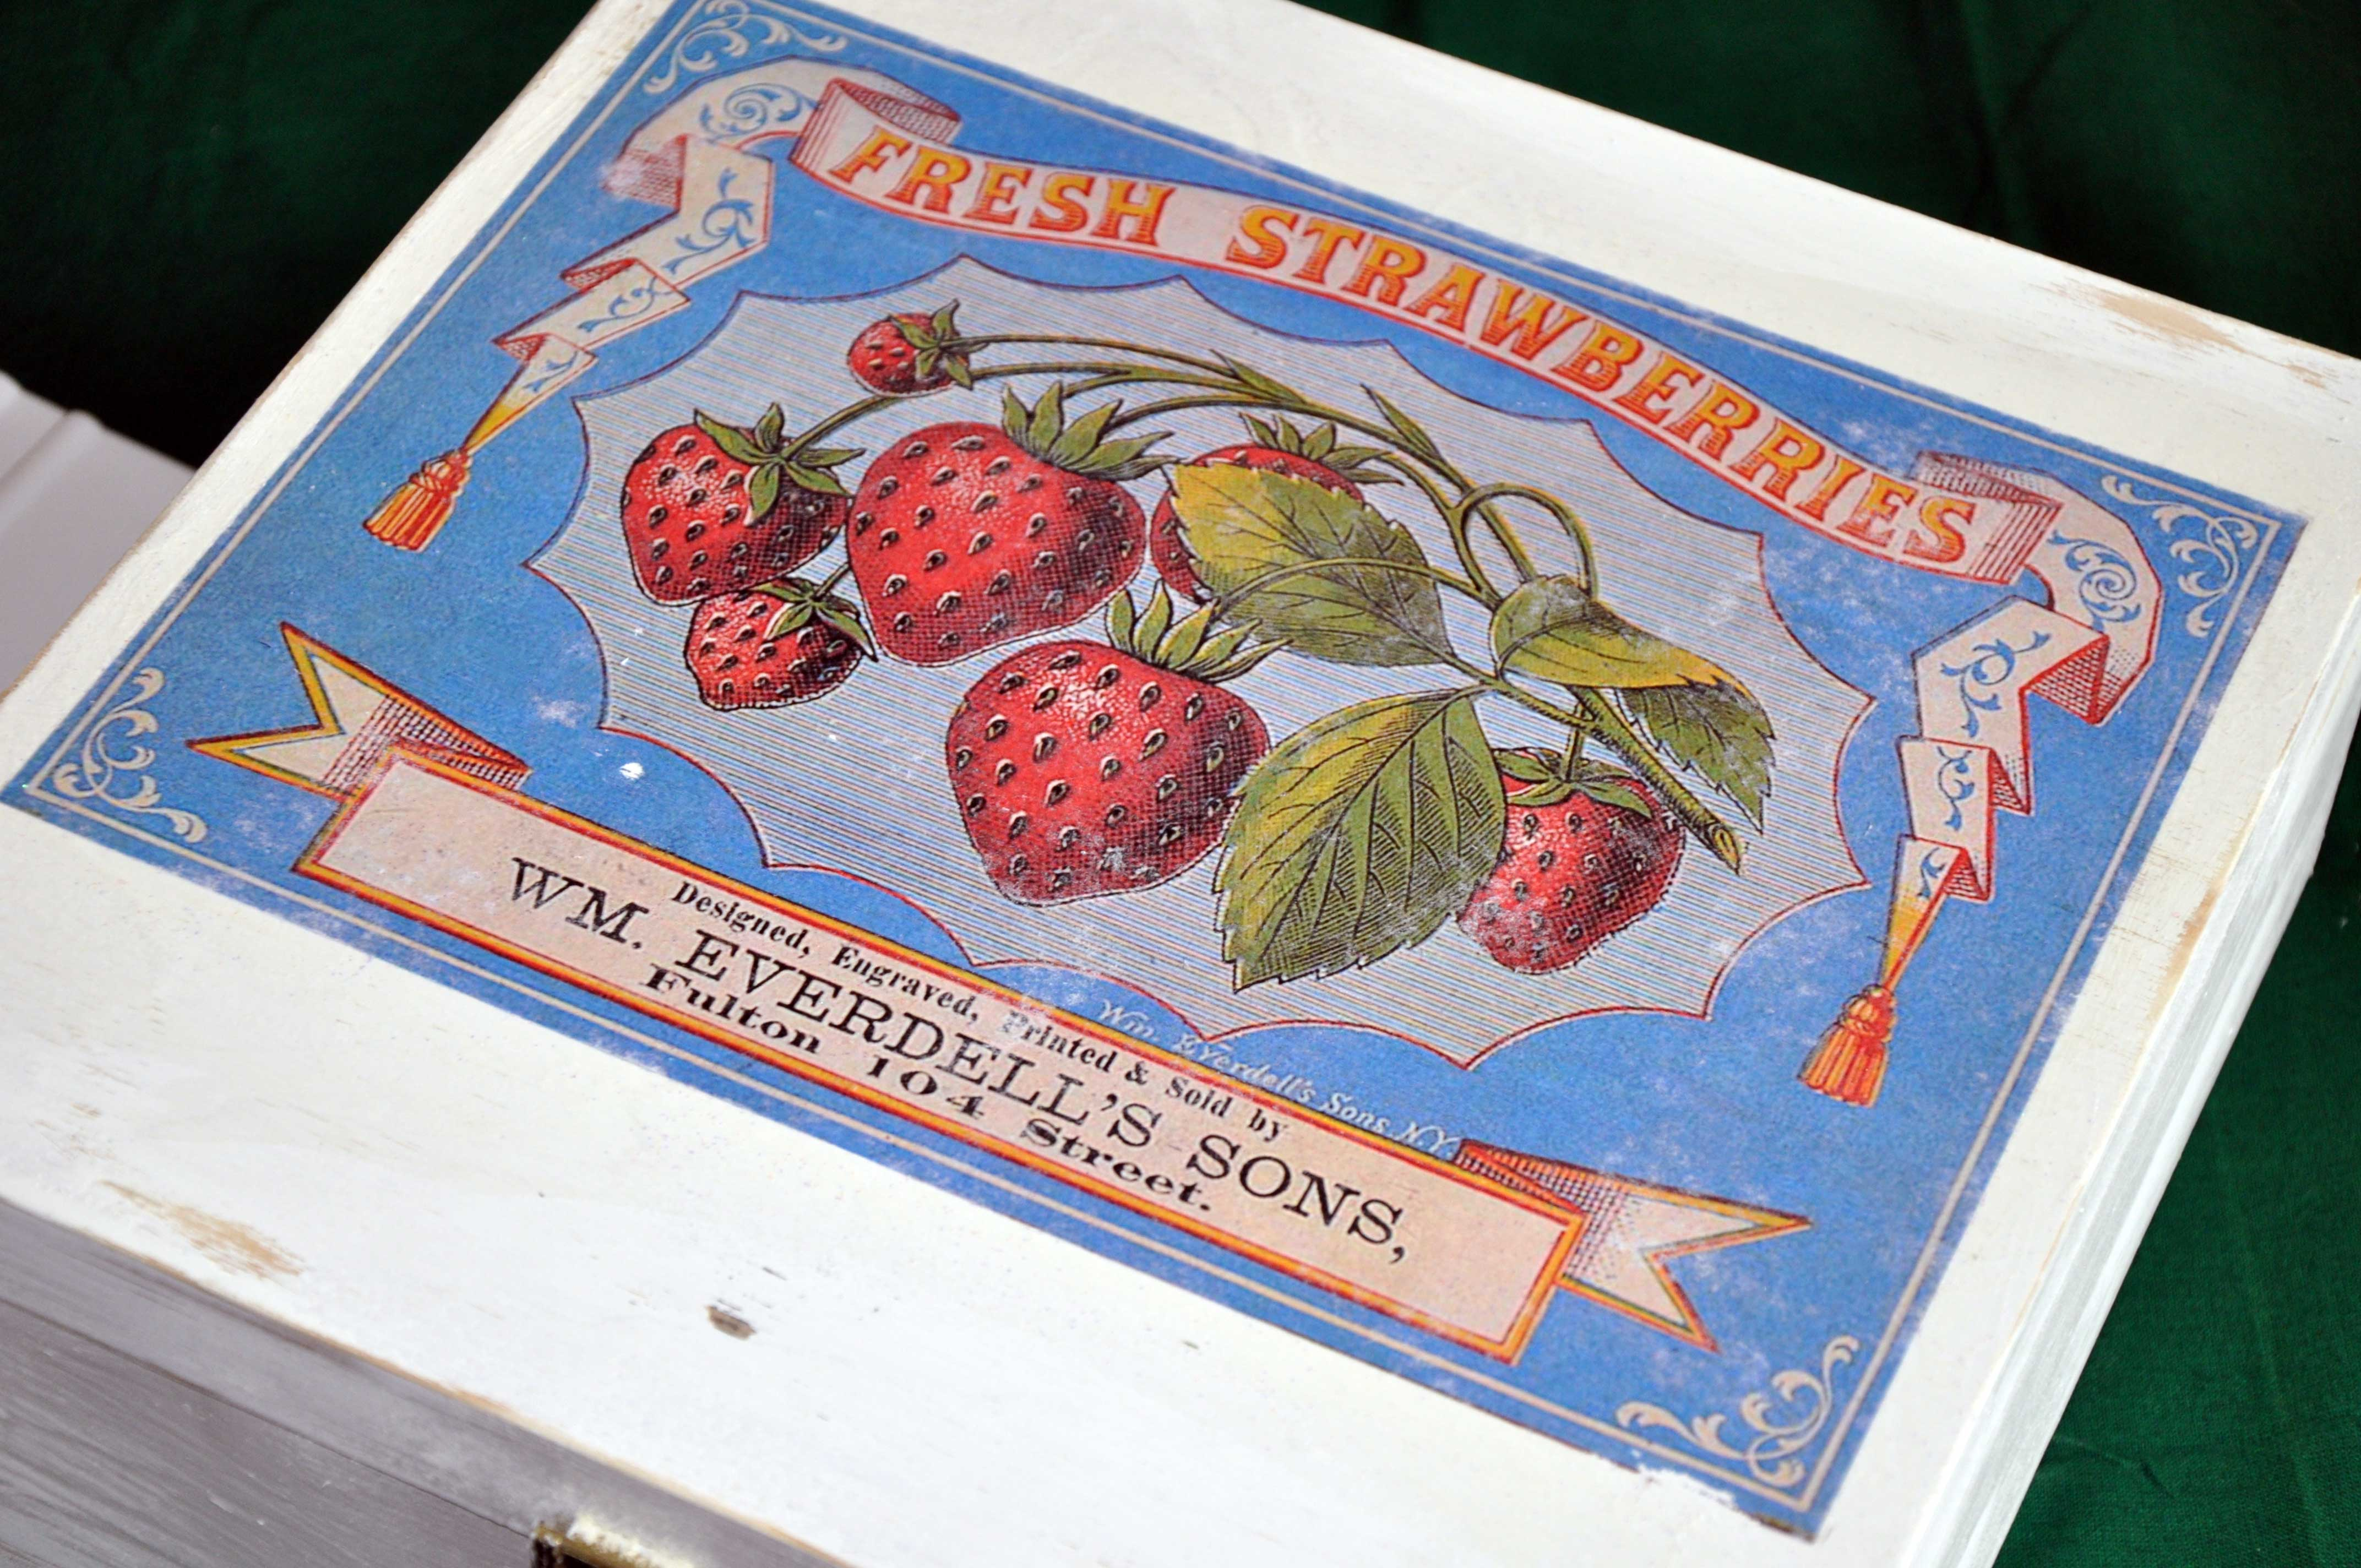 Shabby chic heute wird mit erdbeeren gebastelt - Foto potch ideen ...